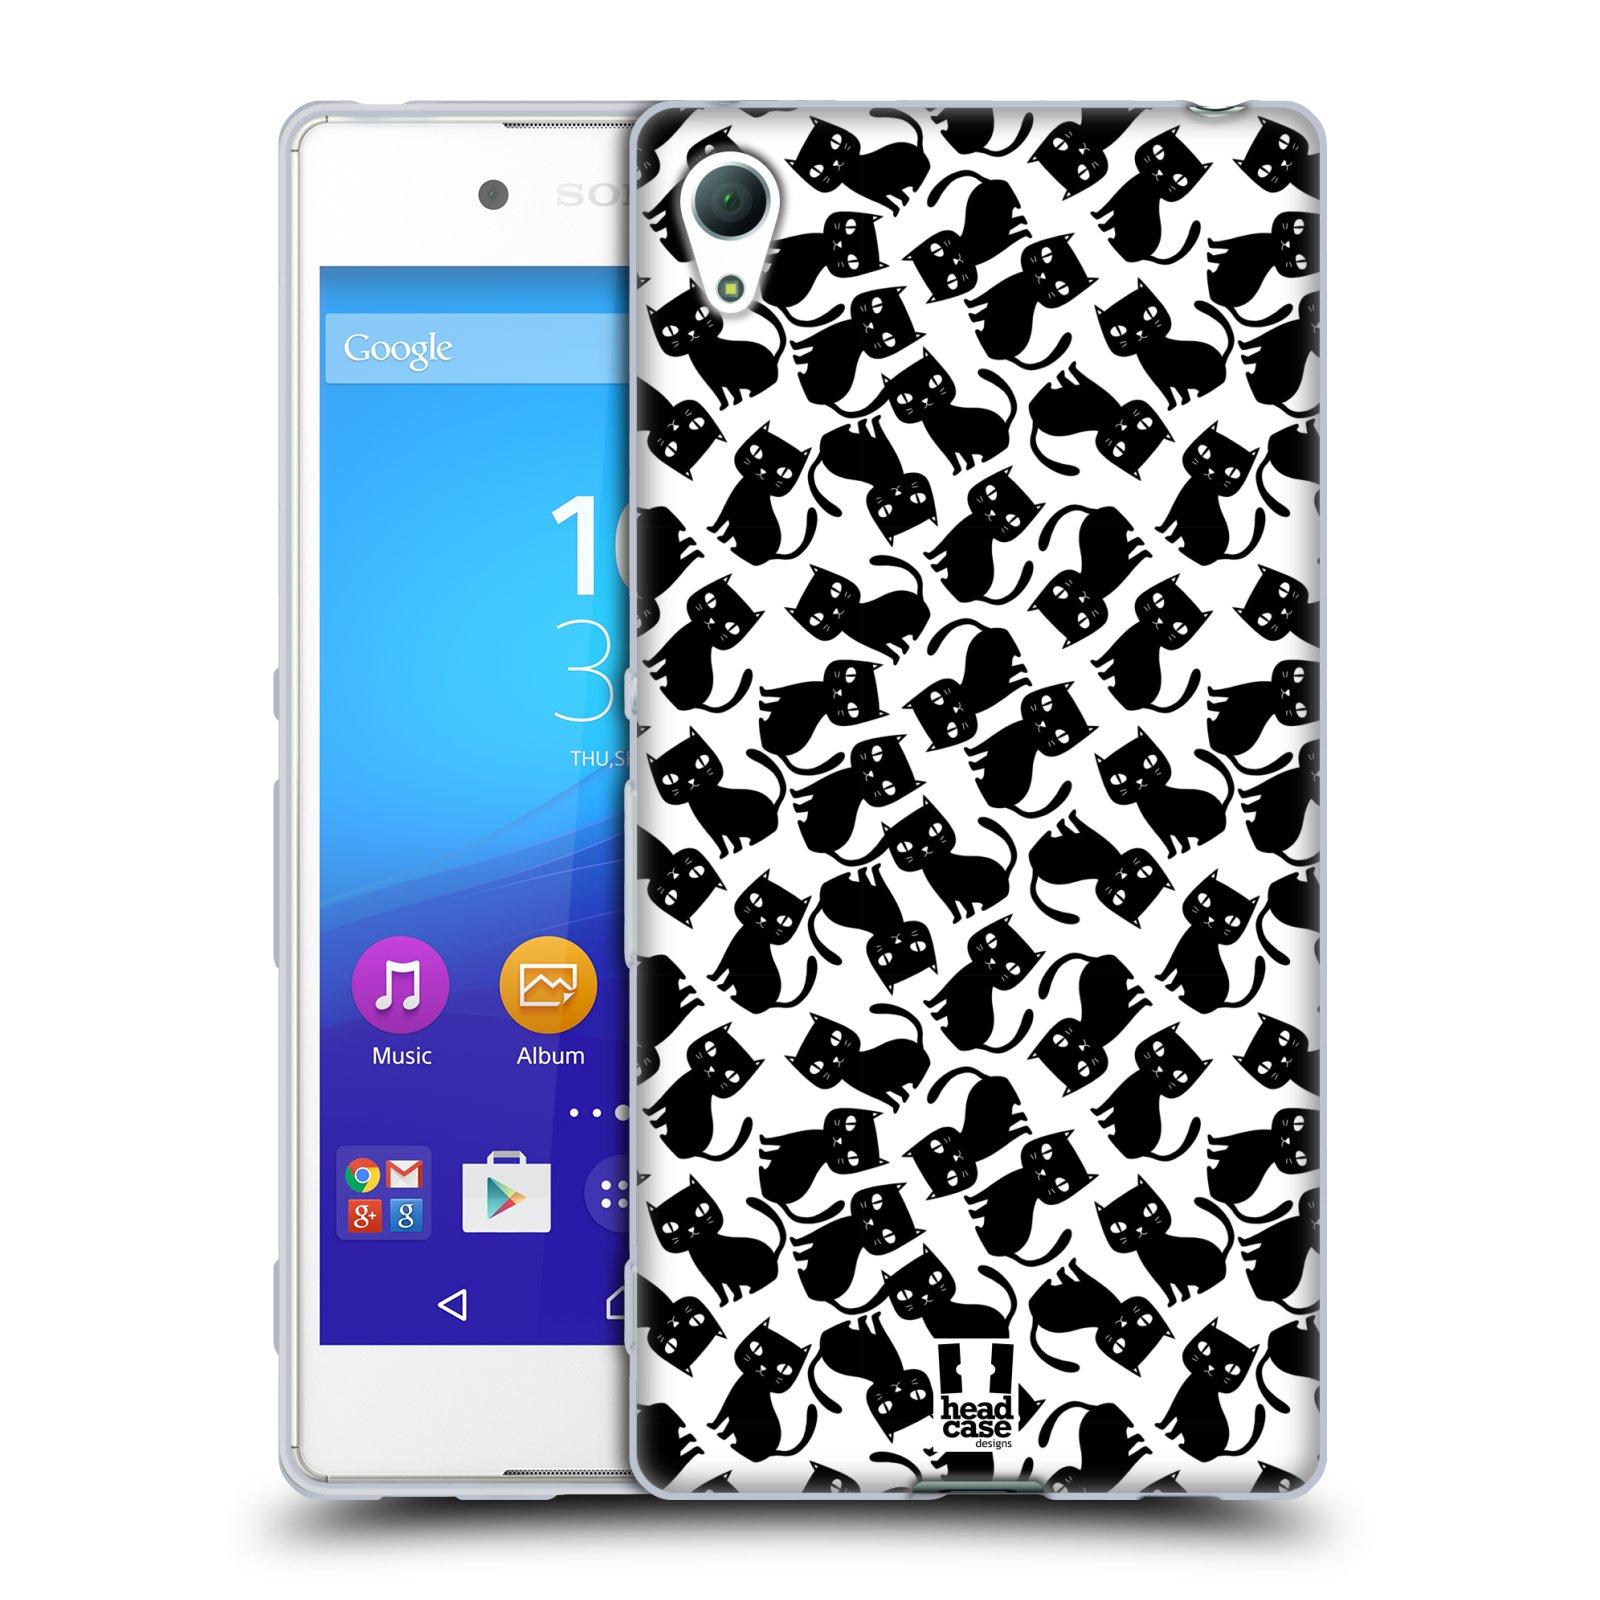 Silikonové pouzdro na mobil Sony Xperia Z3+ (Plus) HEAD CASE KOČKY Black Pattern (Silikonový kryt či obal na mobilní telefon Sony Xperia Z3+ / Z4 E6553)